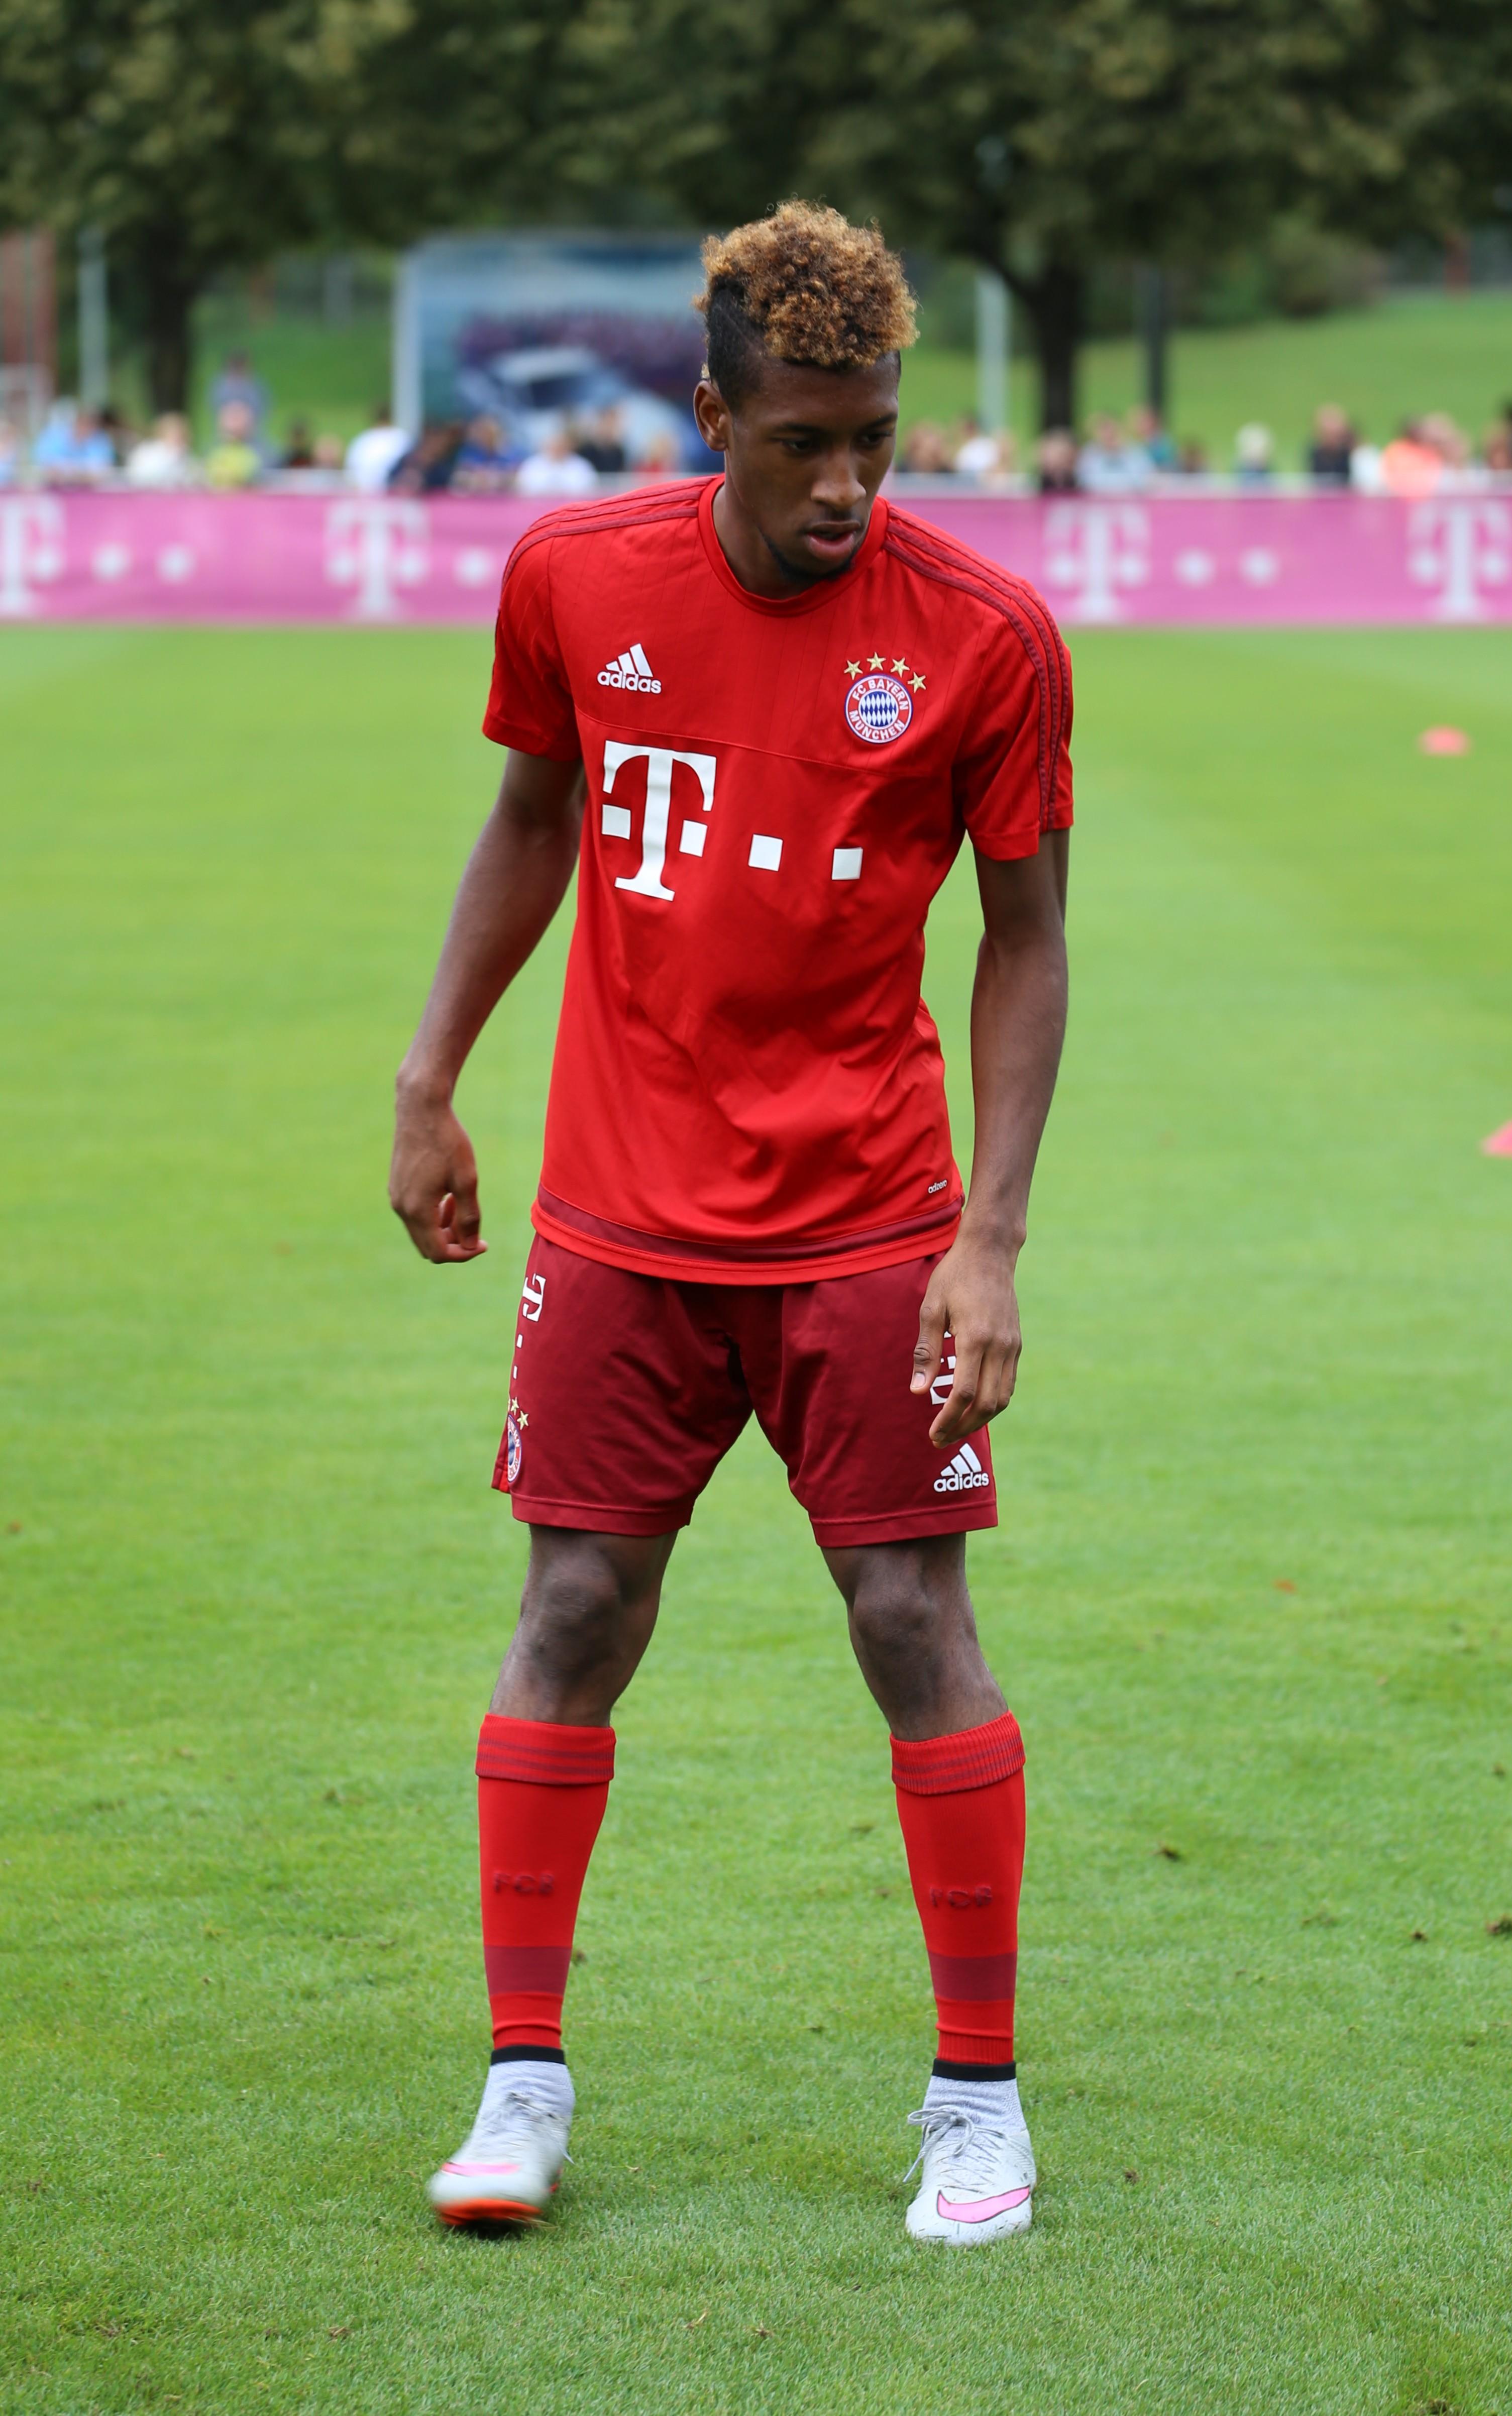 Camiseta FC Bayern München Kingsley Coman